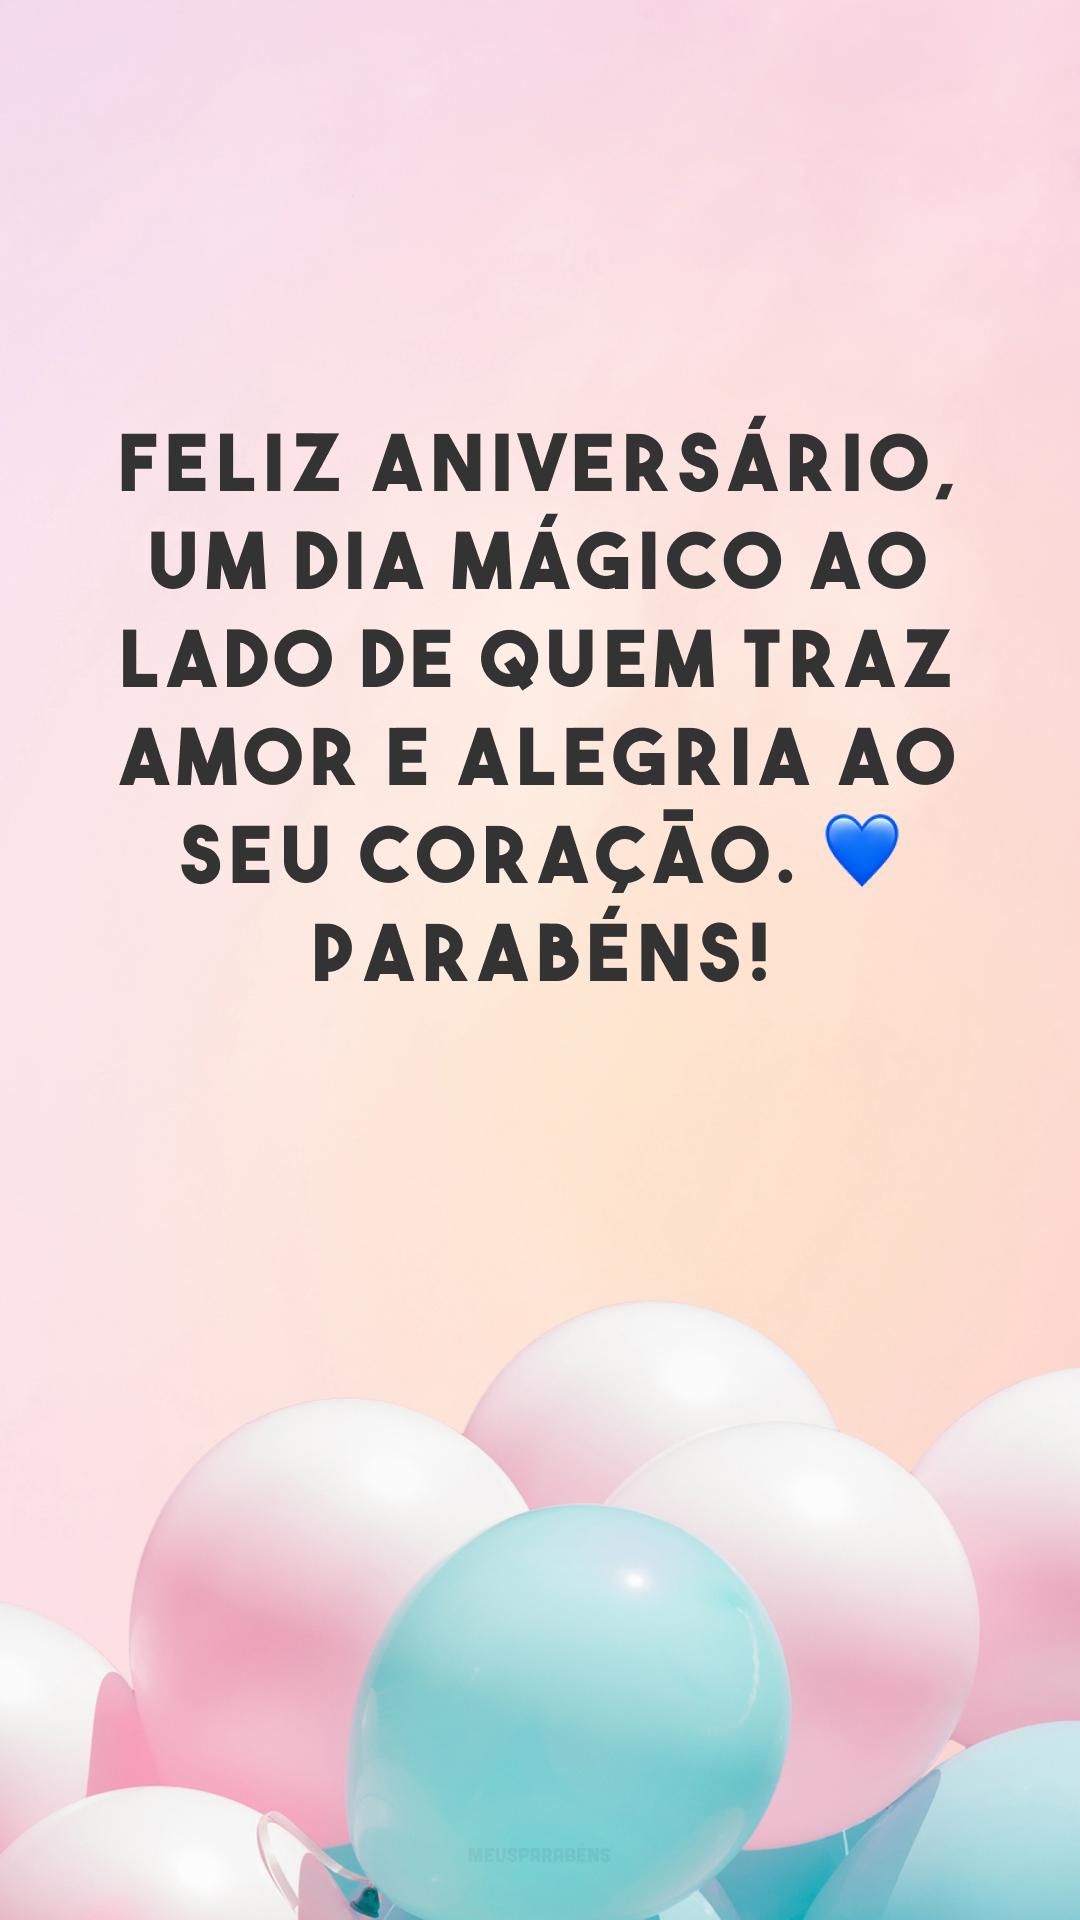 Feliz aniversário, um dia mágico ao lado de quem traz amor e alegria ao seu coração. 💙 Parabéns!